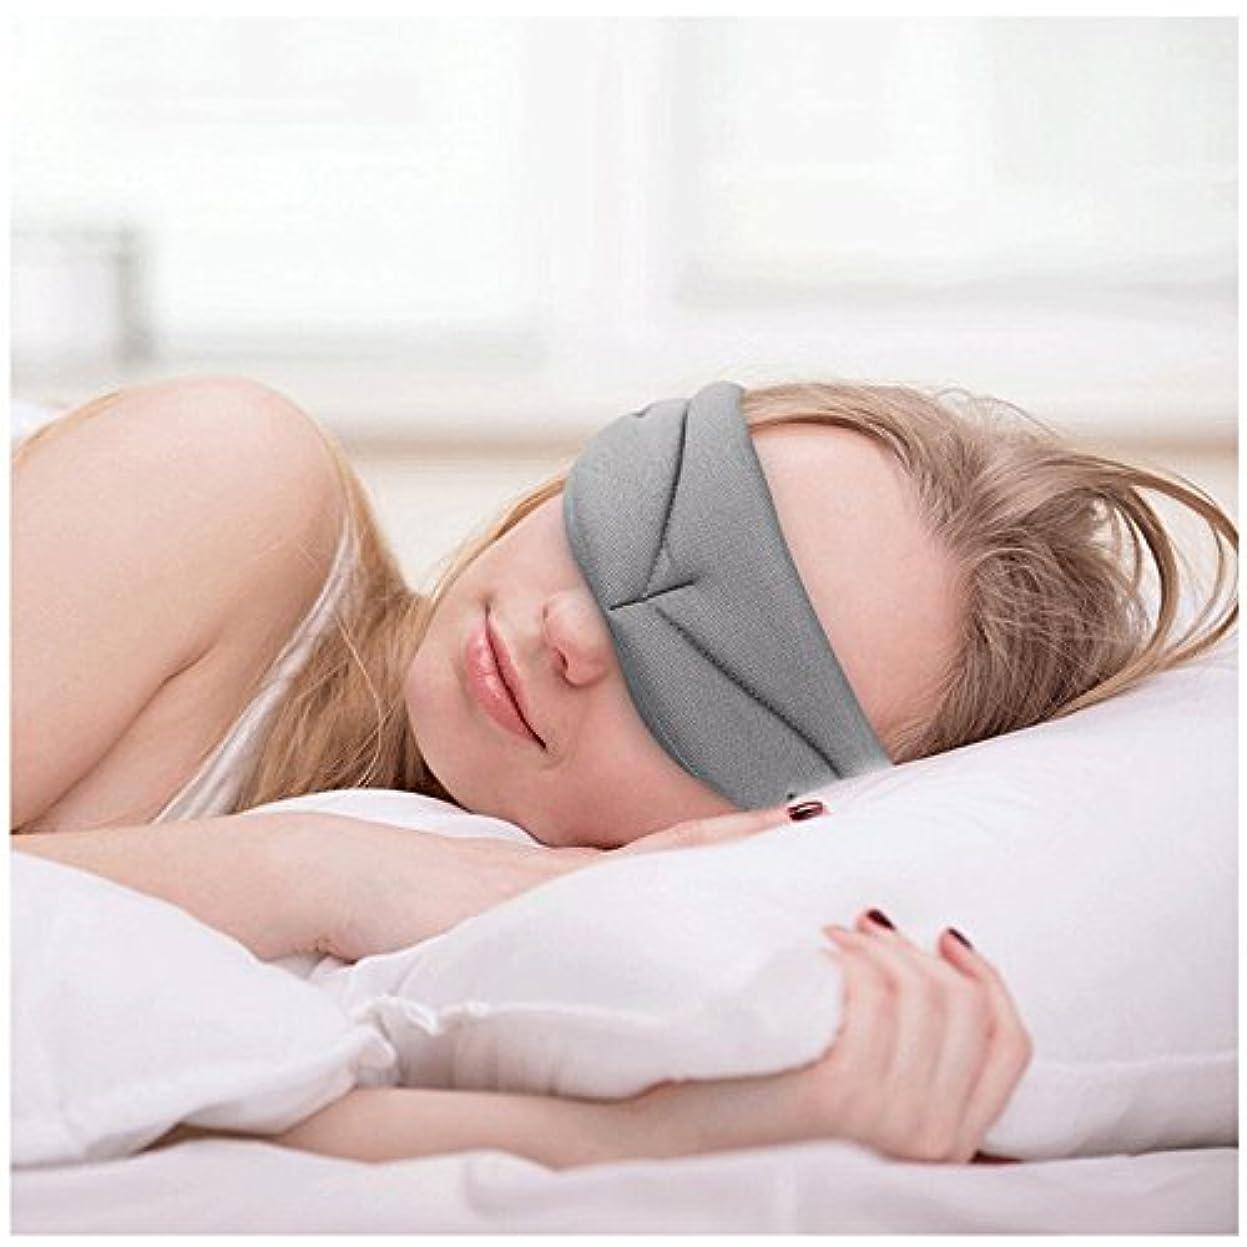 胸太鼓腹突然NOTE 睡眠マスク、超柔らかい記憶泡の睡眠カバー、呼吸が簡単なアイシェード